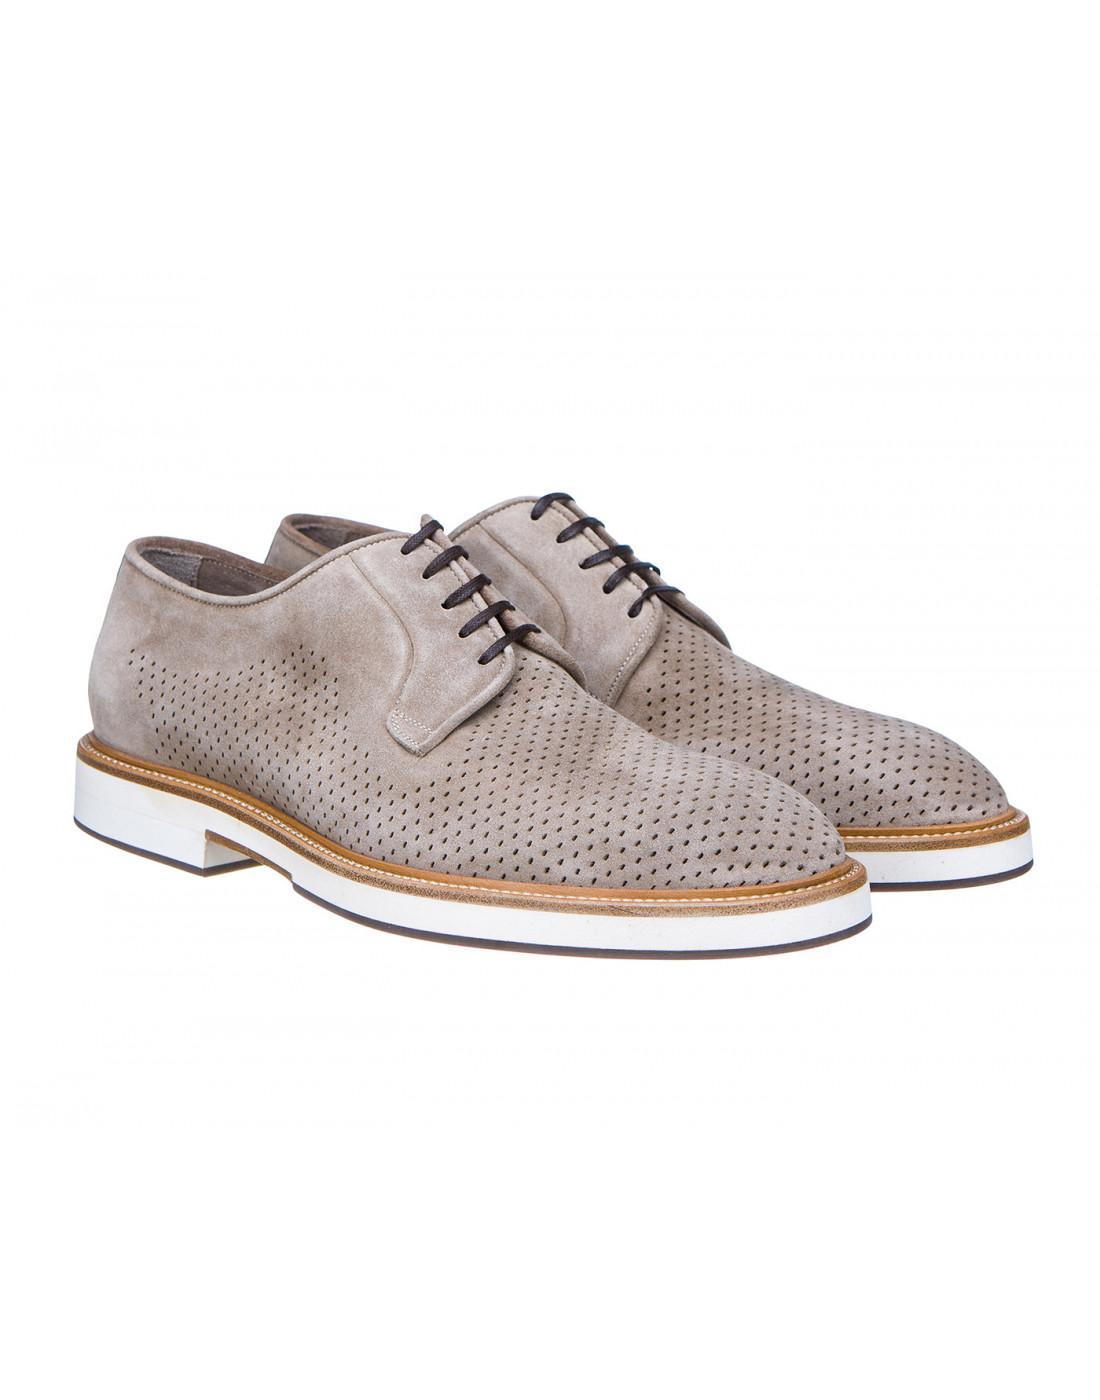 Туфли коричневые мужские Brecos S7521-2